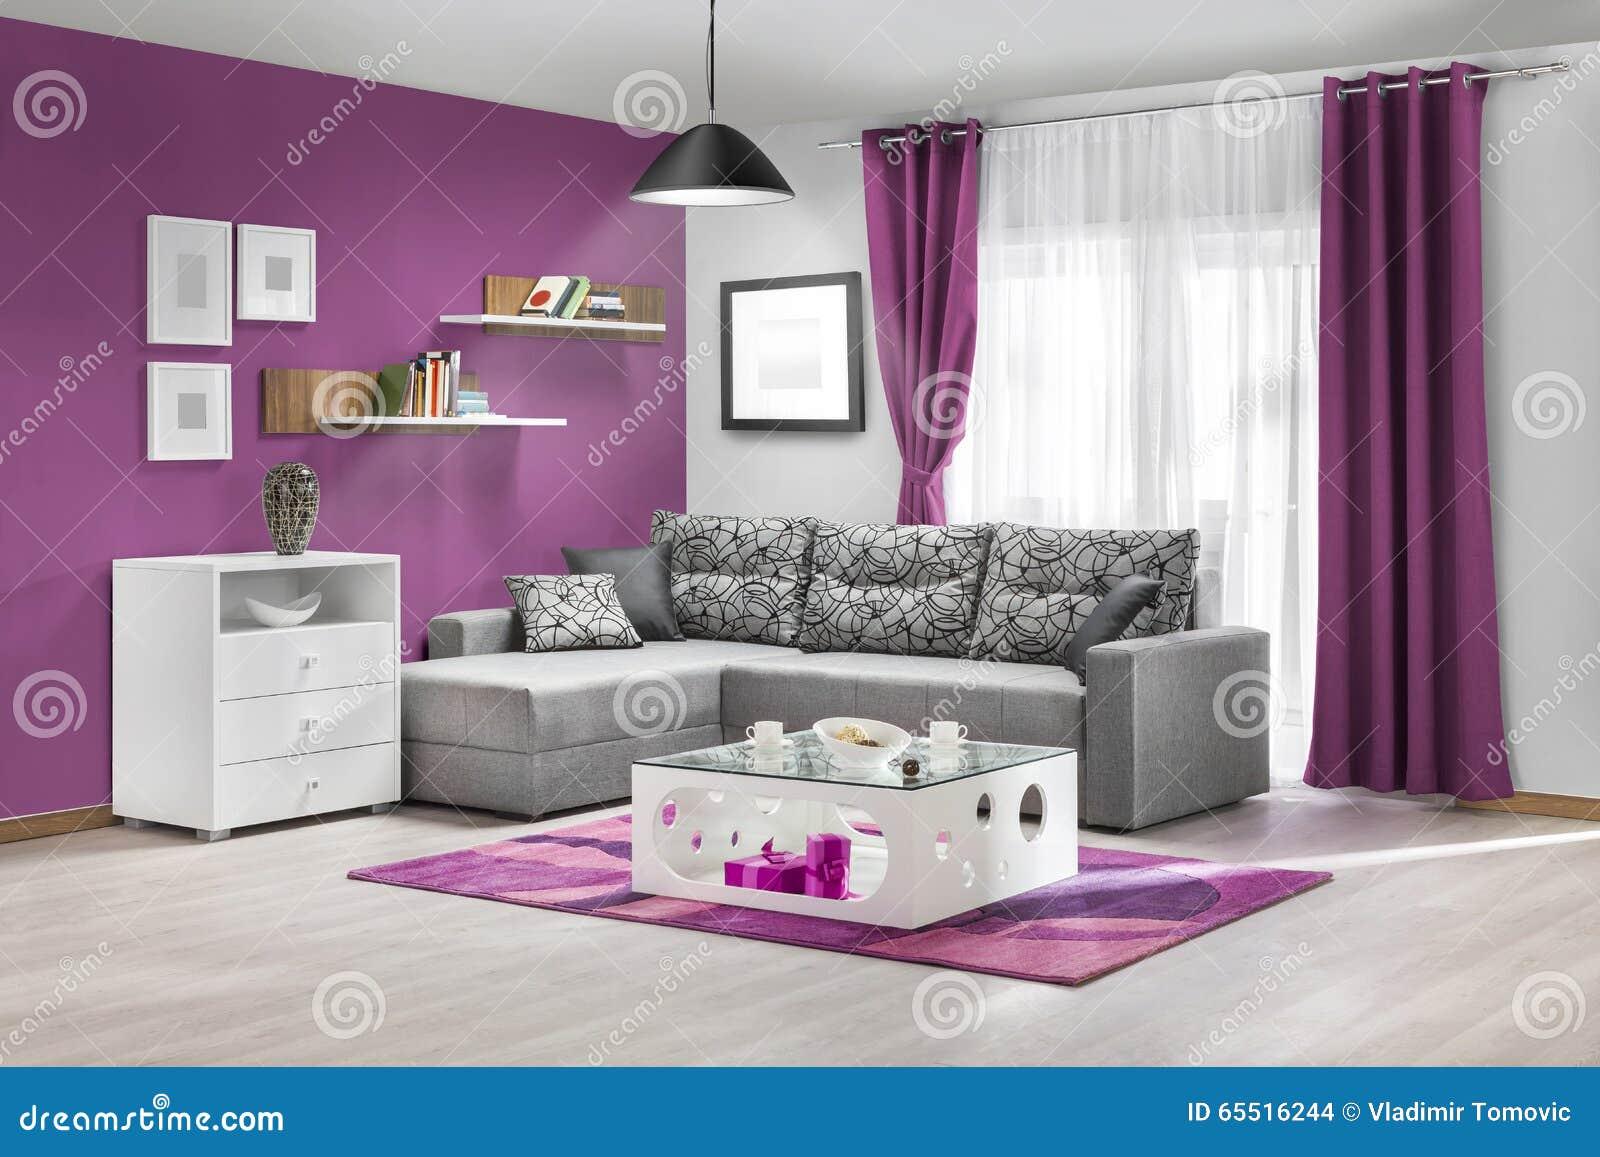 Woonkamer natuurtinten inspiratie woonkamer scandinavisch creatieve idee n voor home design - Kleur moderne woonkamer ...